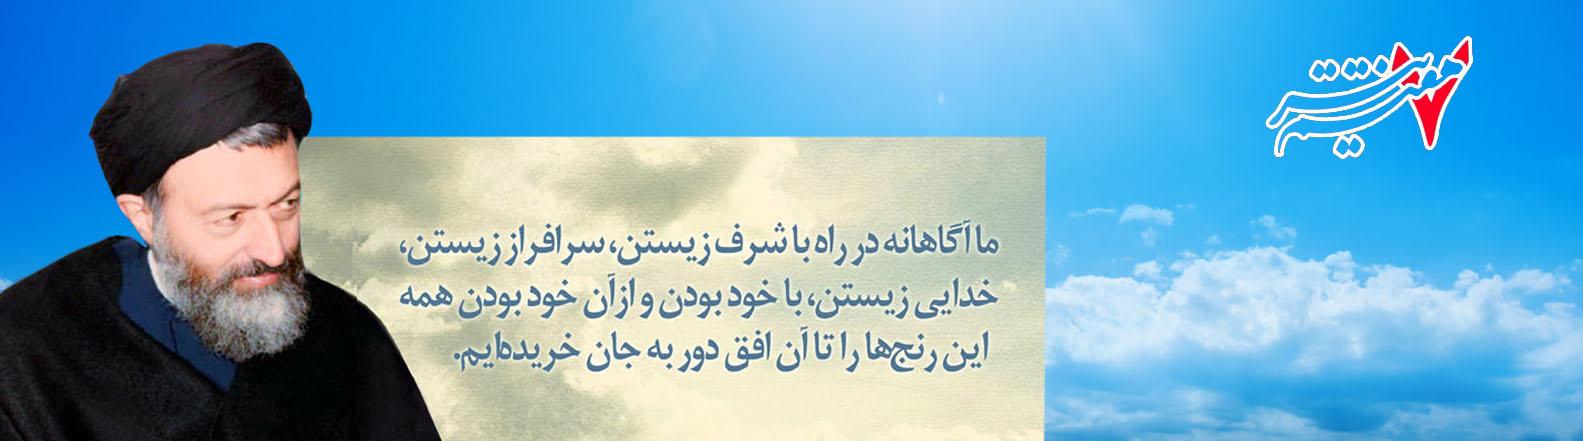 به مناسبت سال روز شهادت آیت الله دکتر بهشتی و ۷۲ تن از یارانش و روز قوه قضائیه